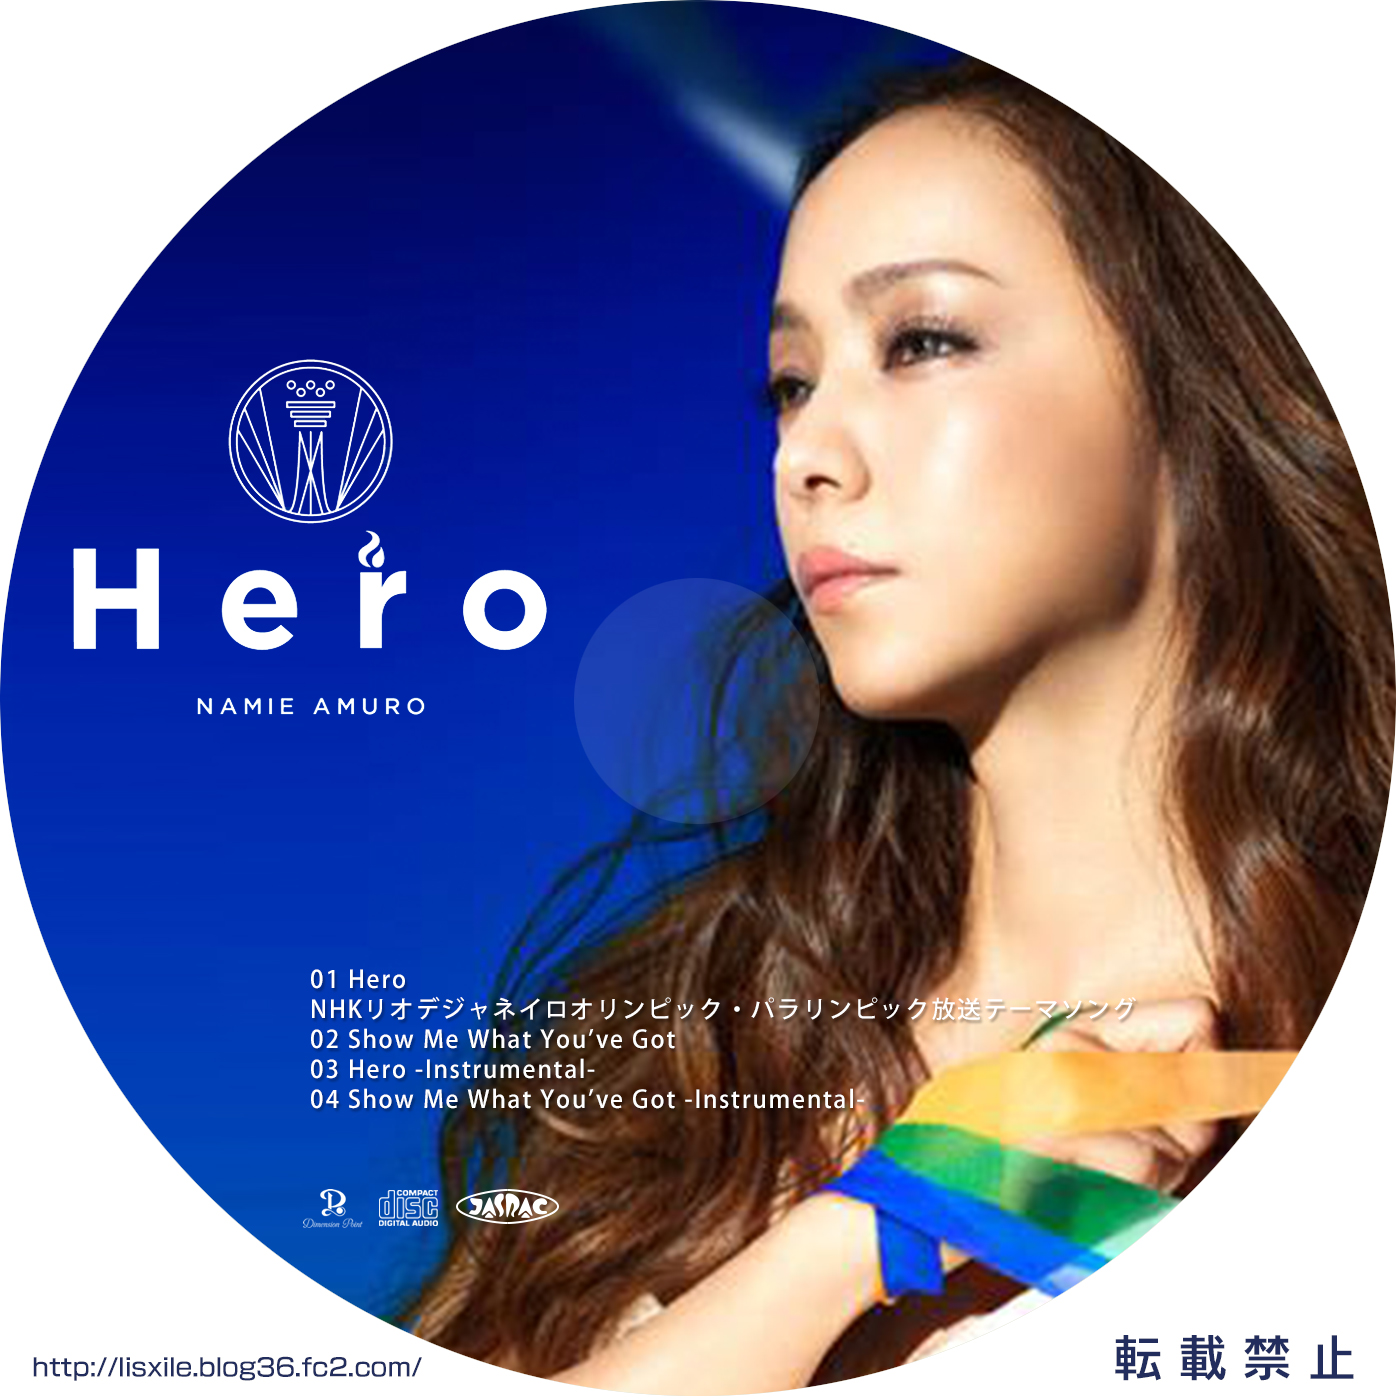 安室奈美恵 HERO CDラベル - LISブロ DVDラベル